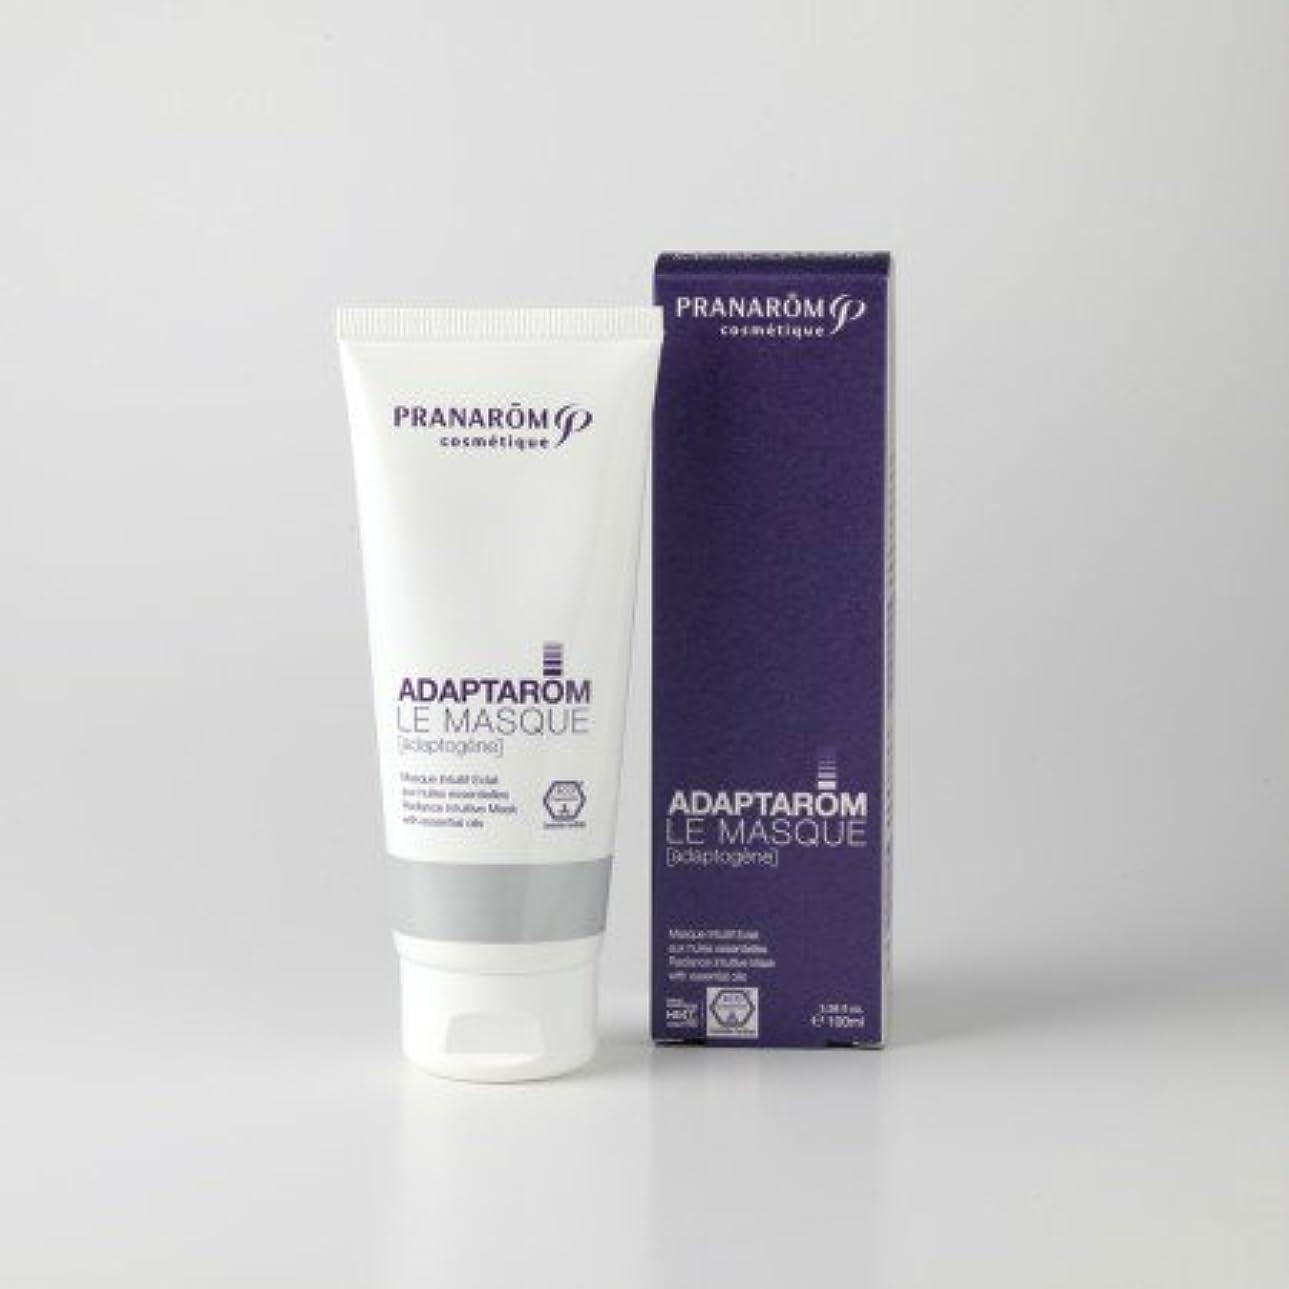 十億プラスチック励起プラナロム アダプタロム マスク 100ml 美顔用マスク (PRANAROM 基礎化粧品 アダプタロム)